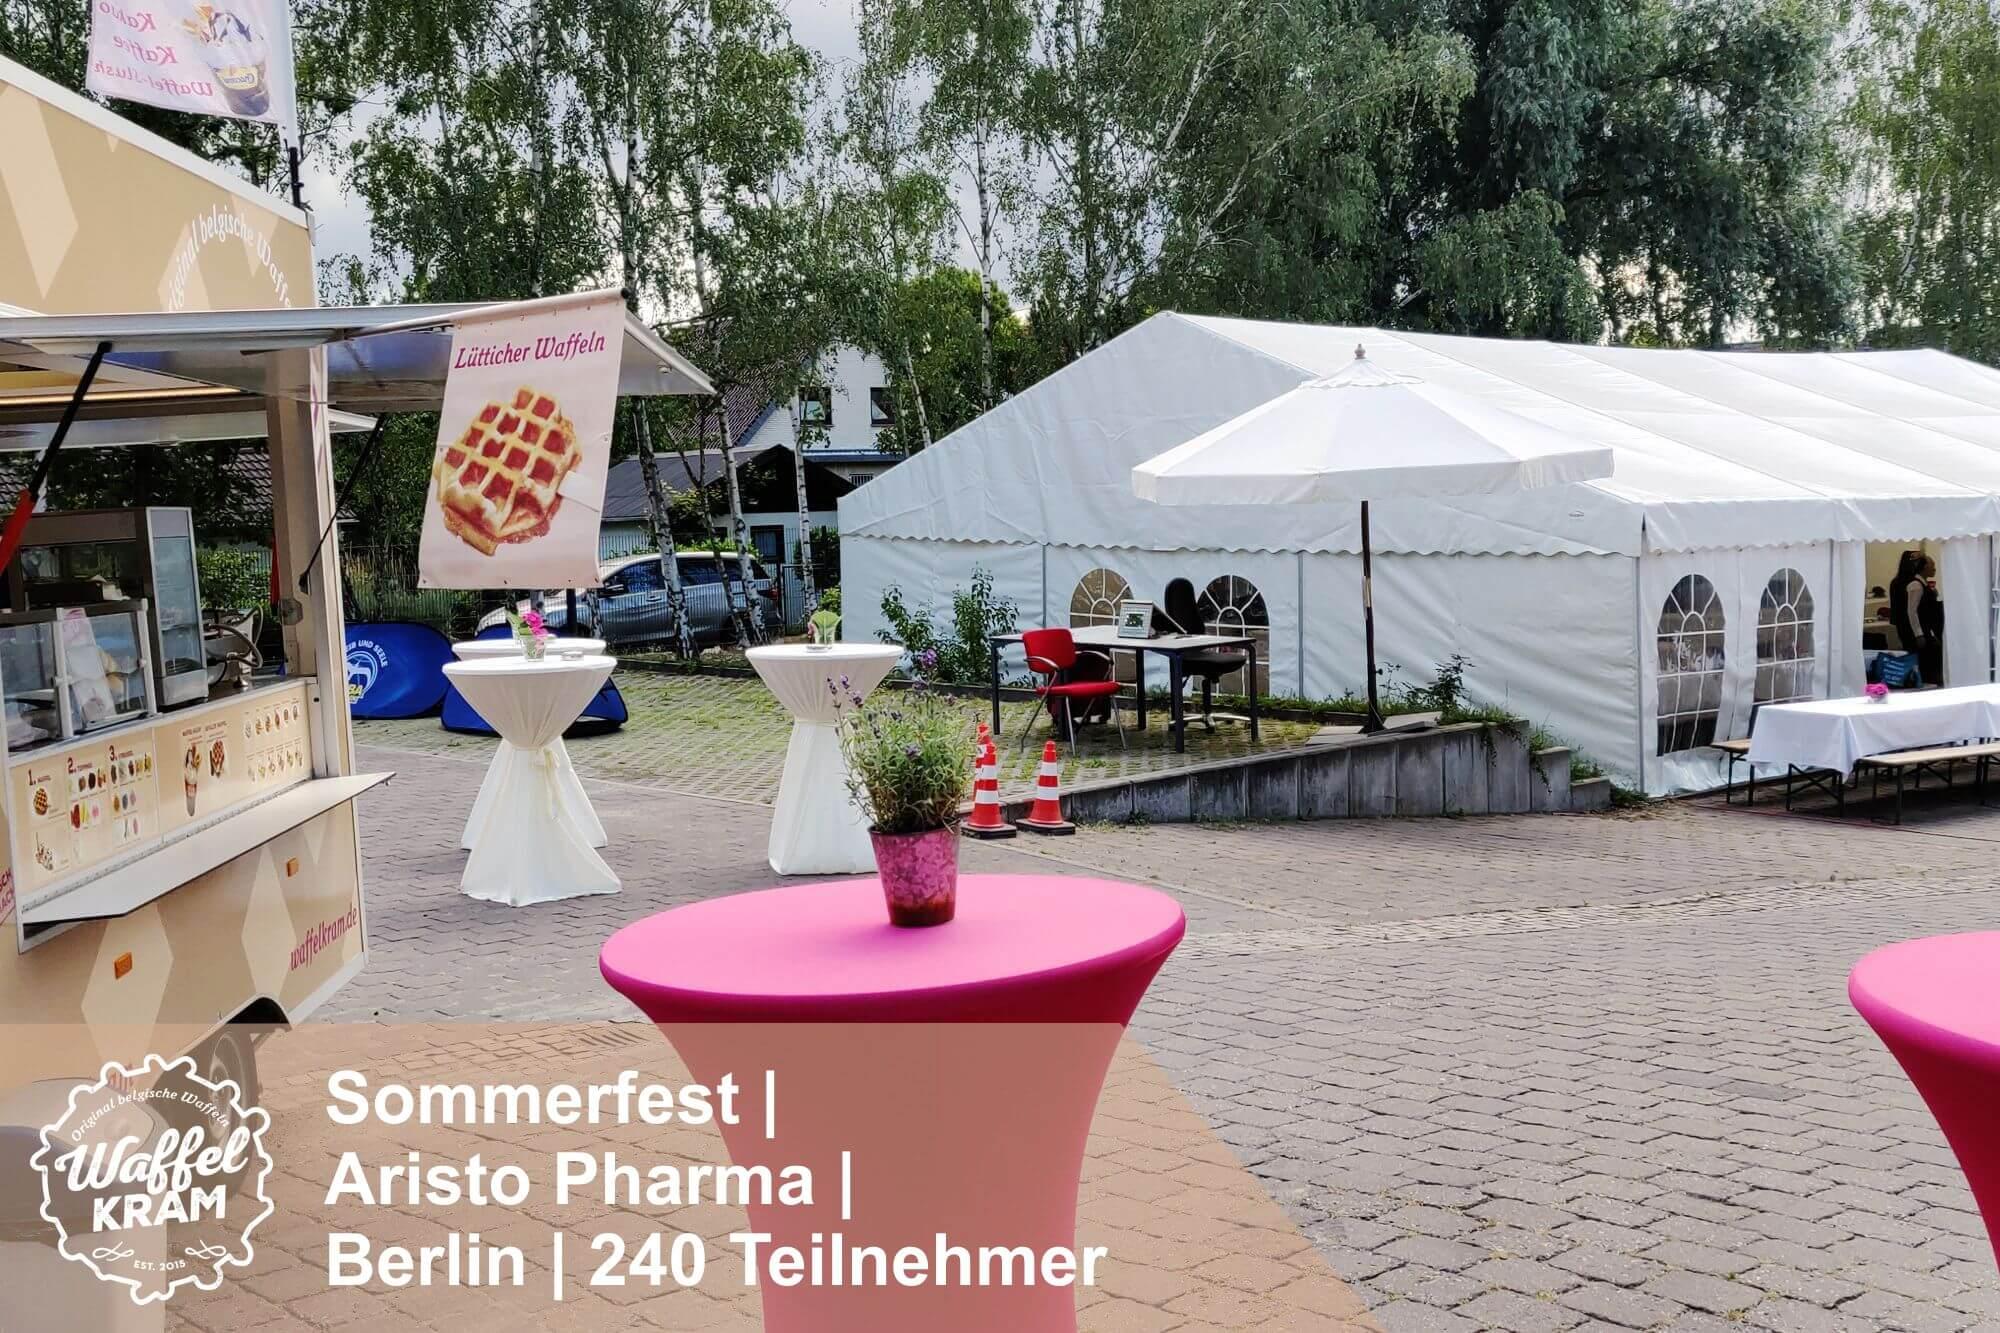 catering-sommerfest-aristo-pharma-berlin-tx